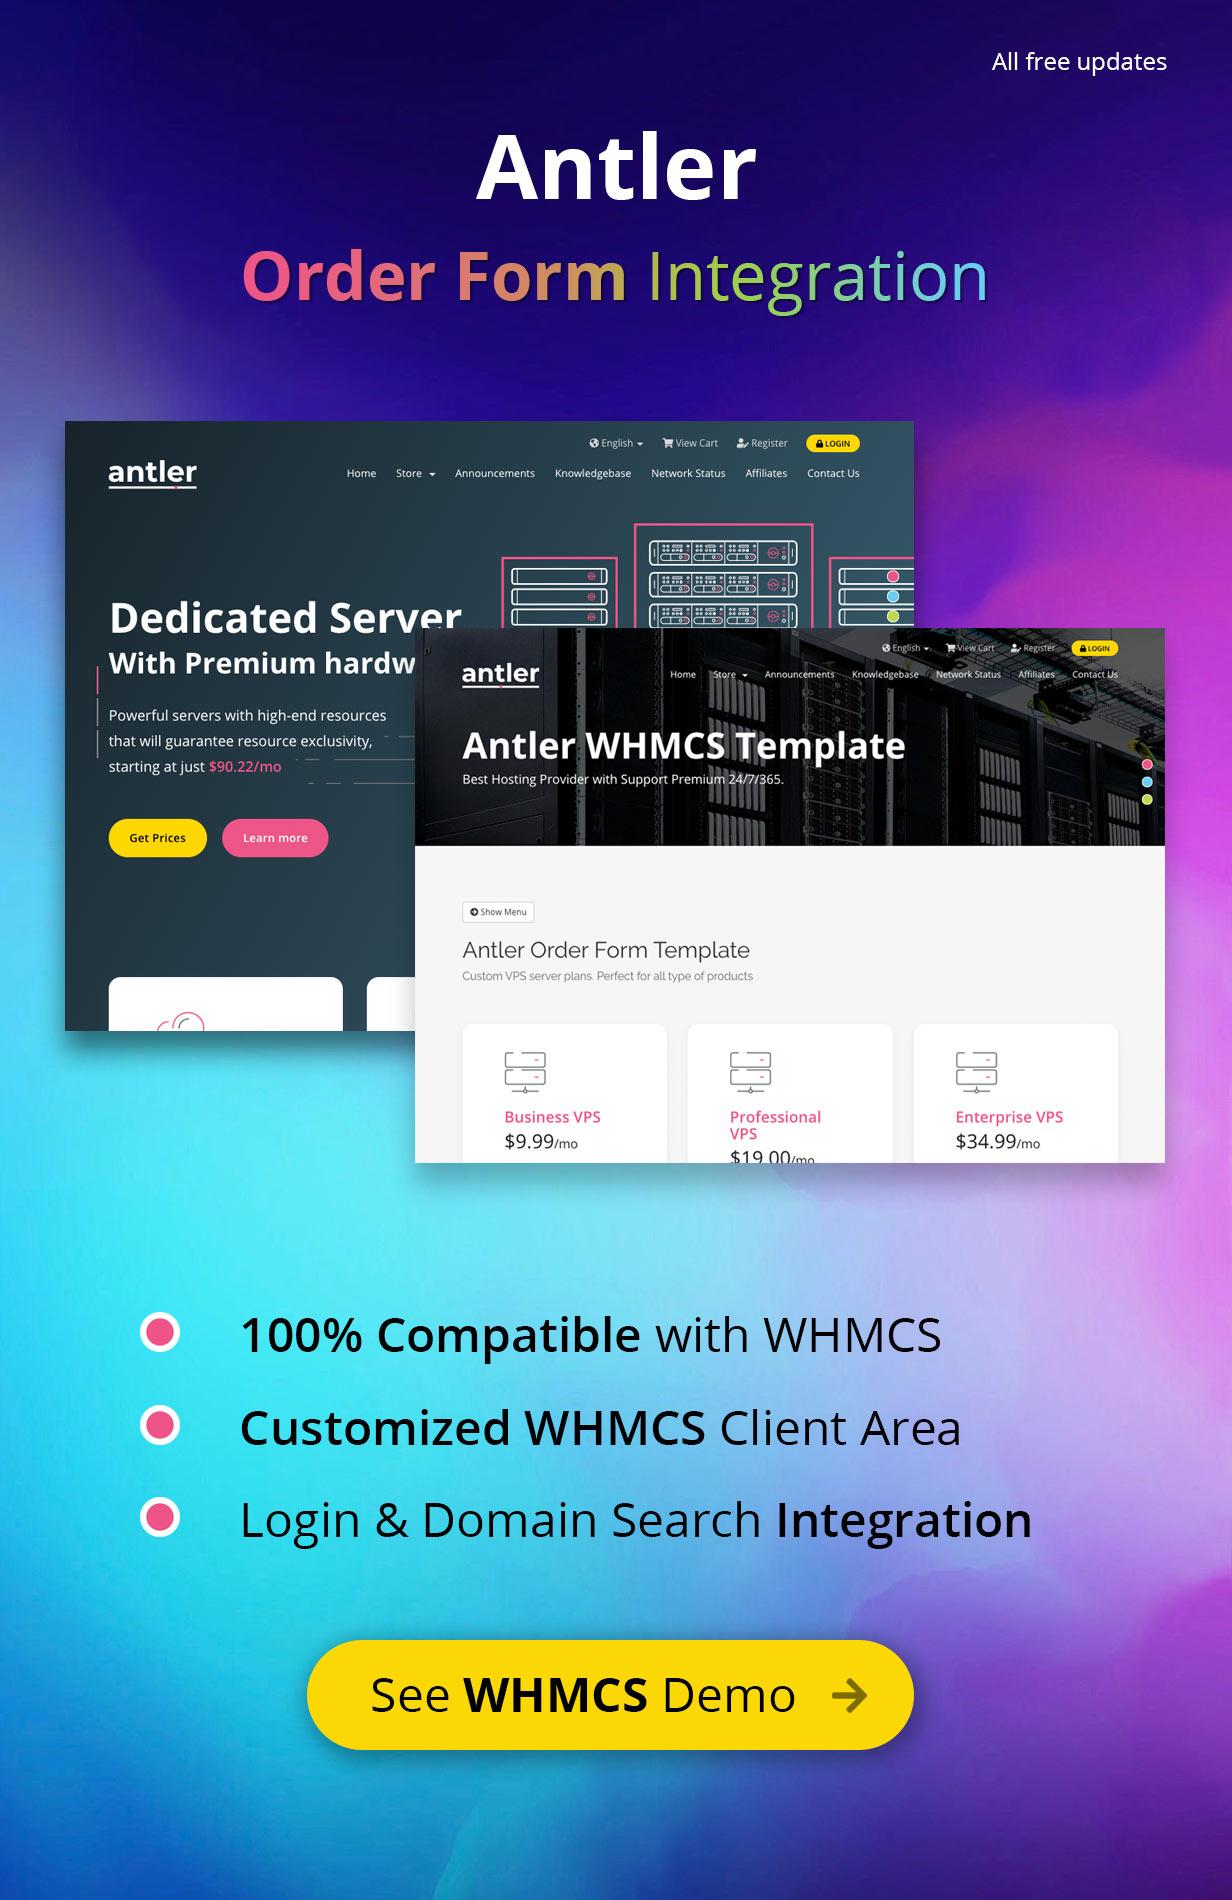 antler01 - Antler - Hosting Provider & WHMCS Template